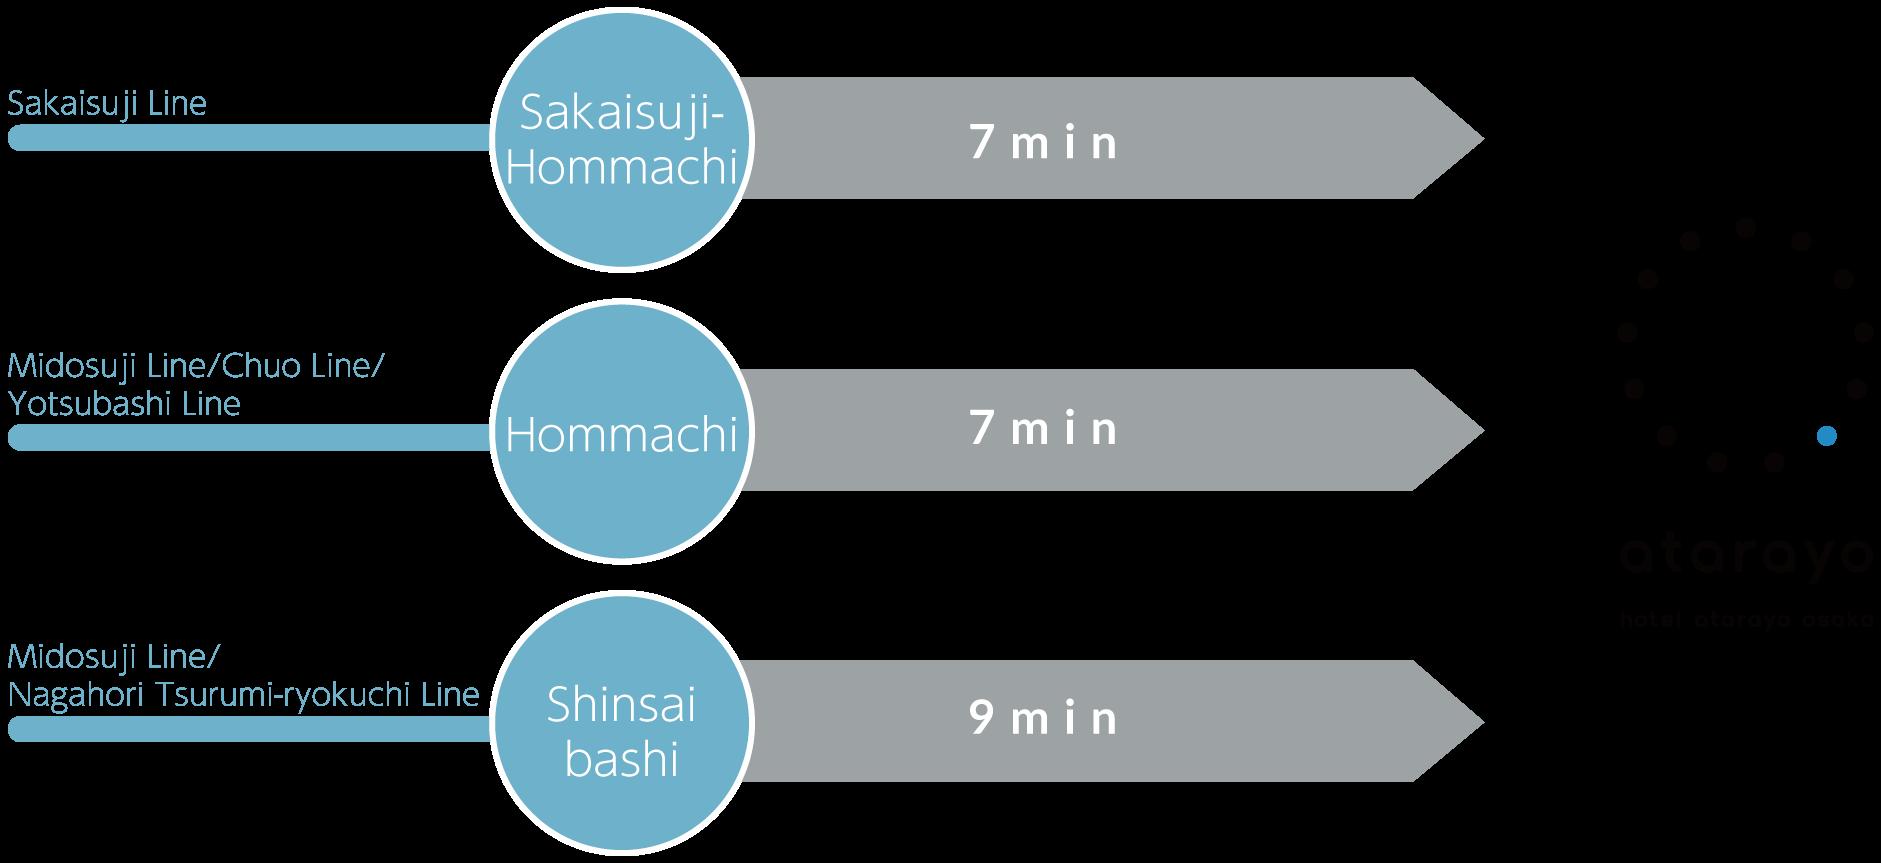 Sakaisuji Line Sakaisuji-Hommachi 7min on foot・Midosuji Line/Chuo Line/Yotsubashi Line Hommachi 7min on foot